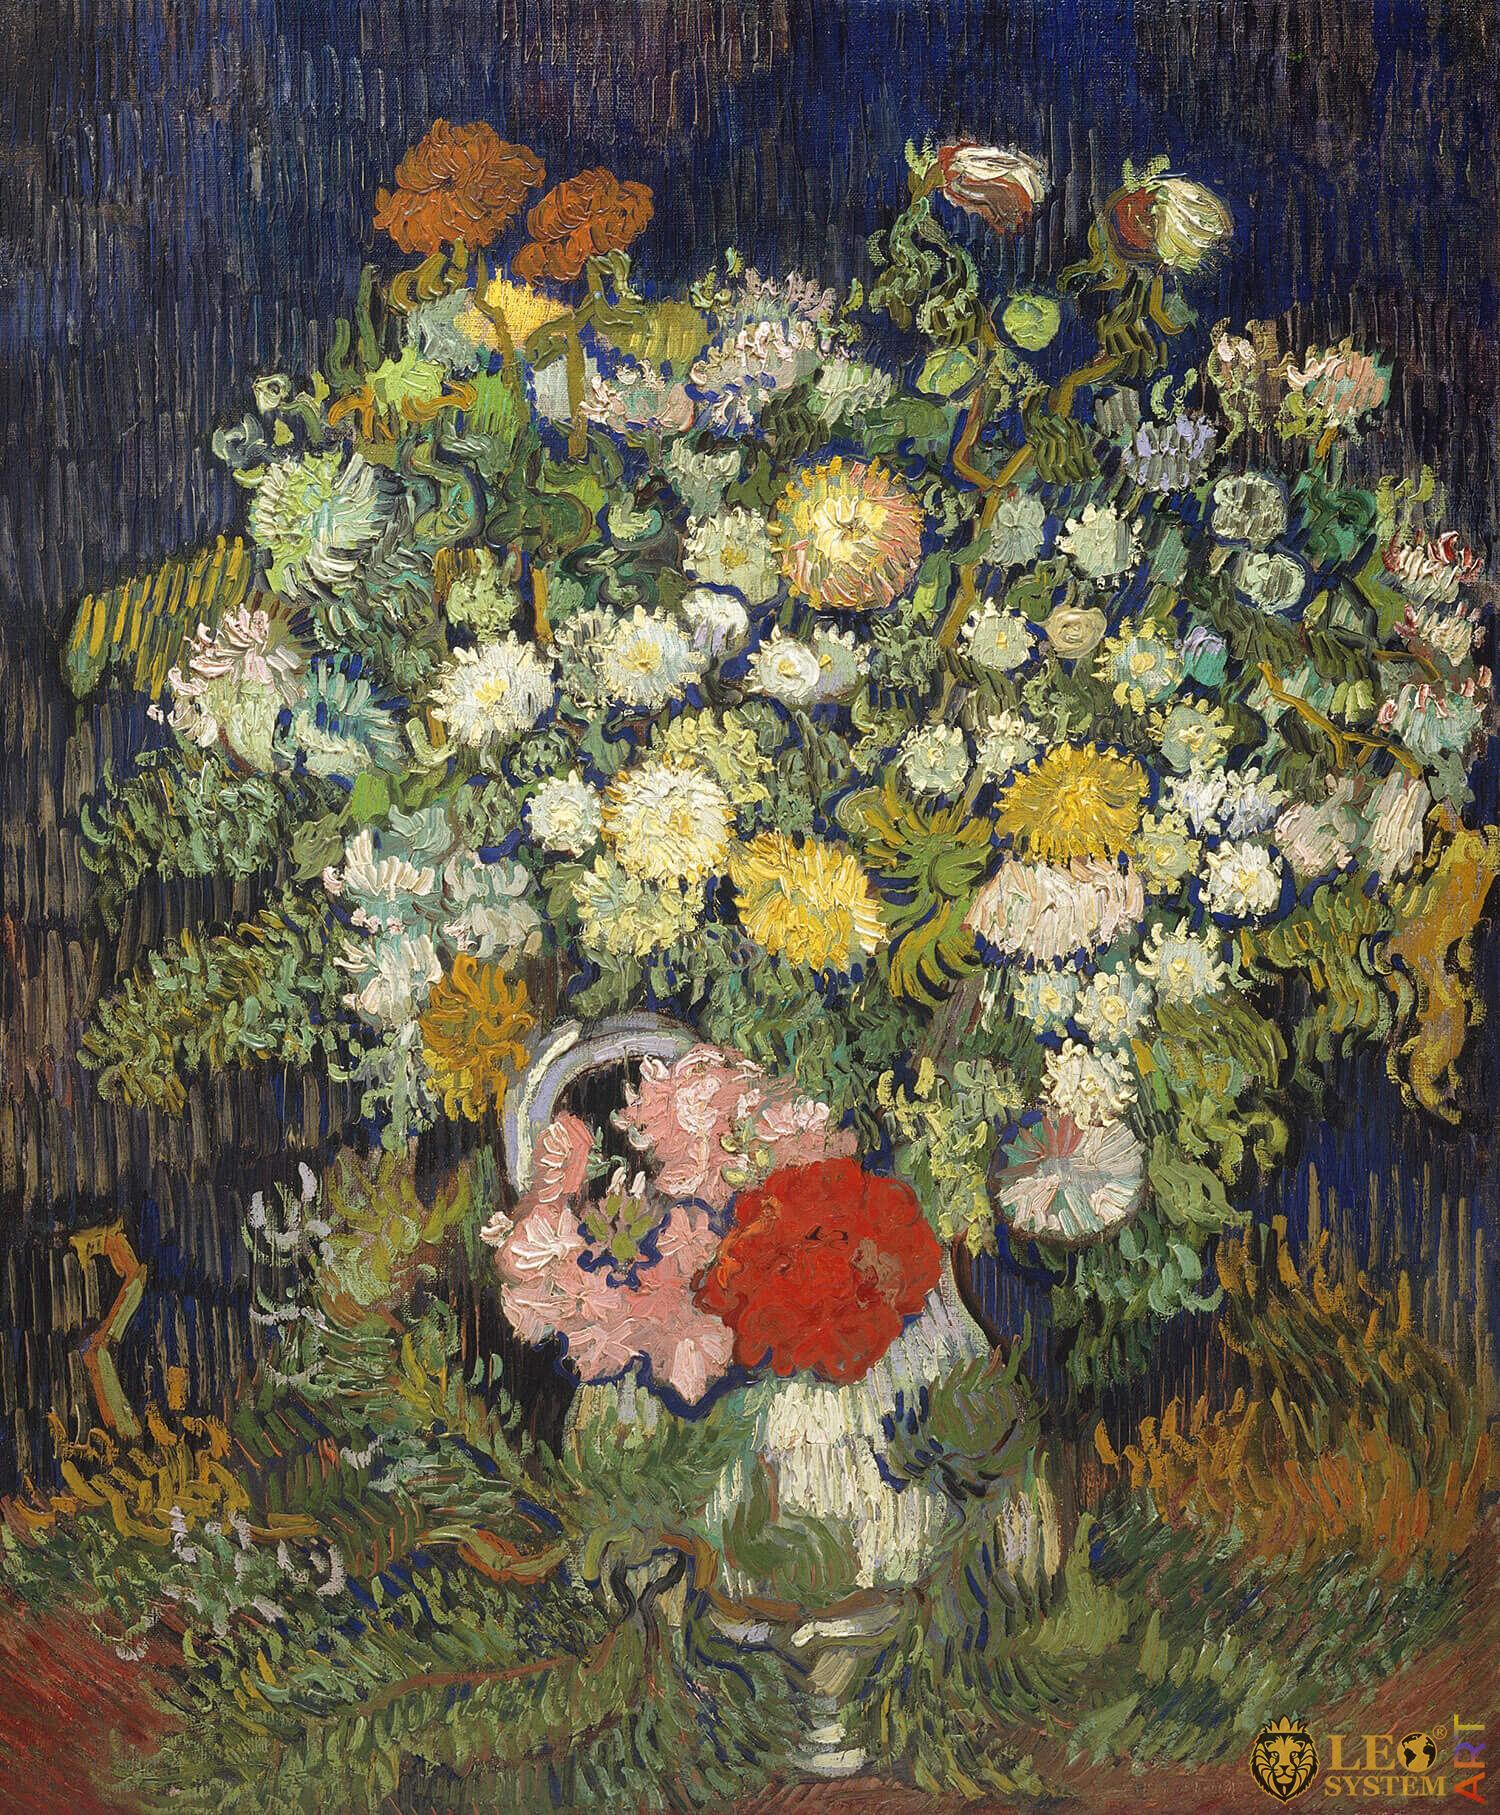 Bouquet of Flowers in a Vase, Painter: Vincent van Gogh, 1890, Dutch Painting, Original painting